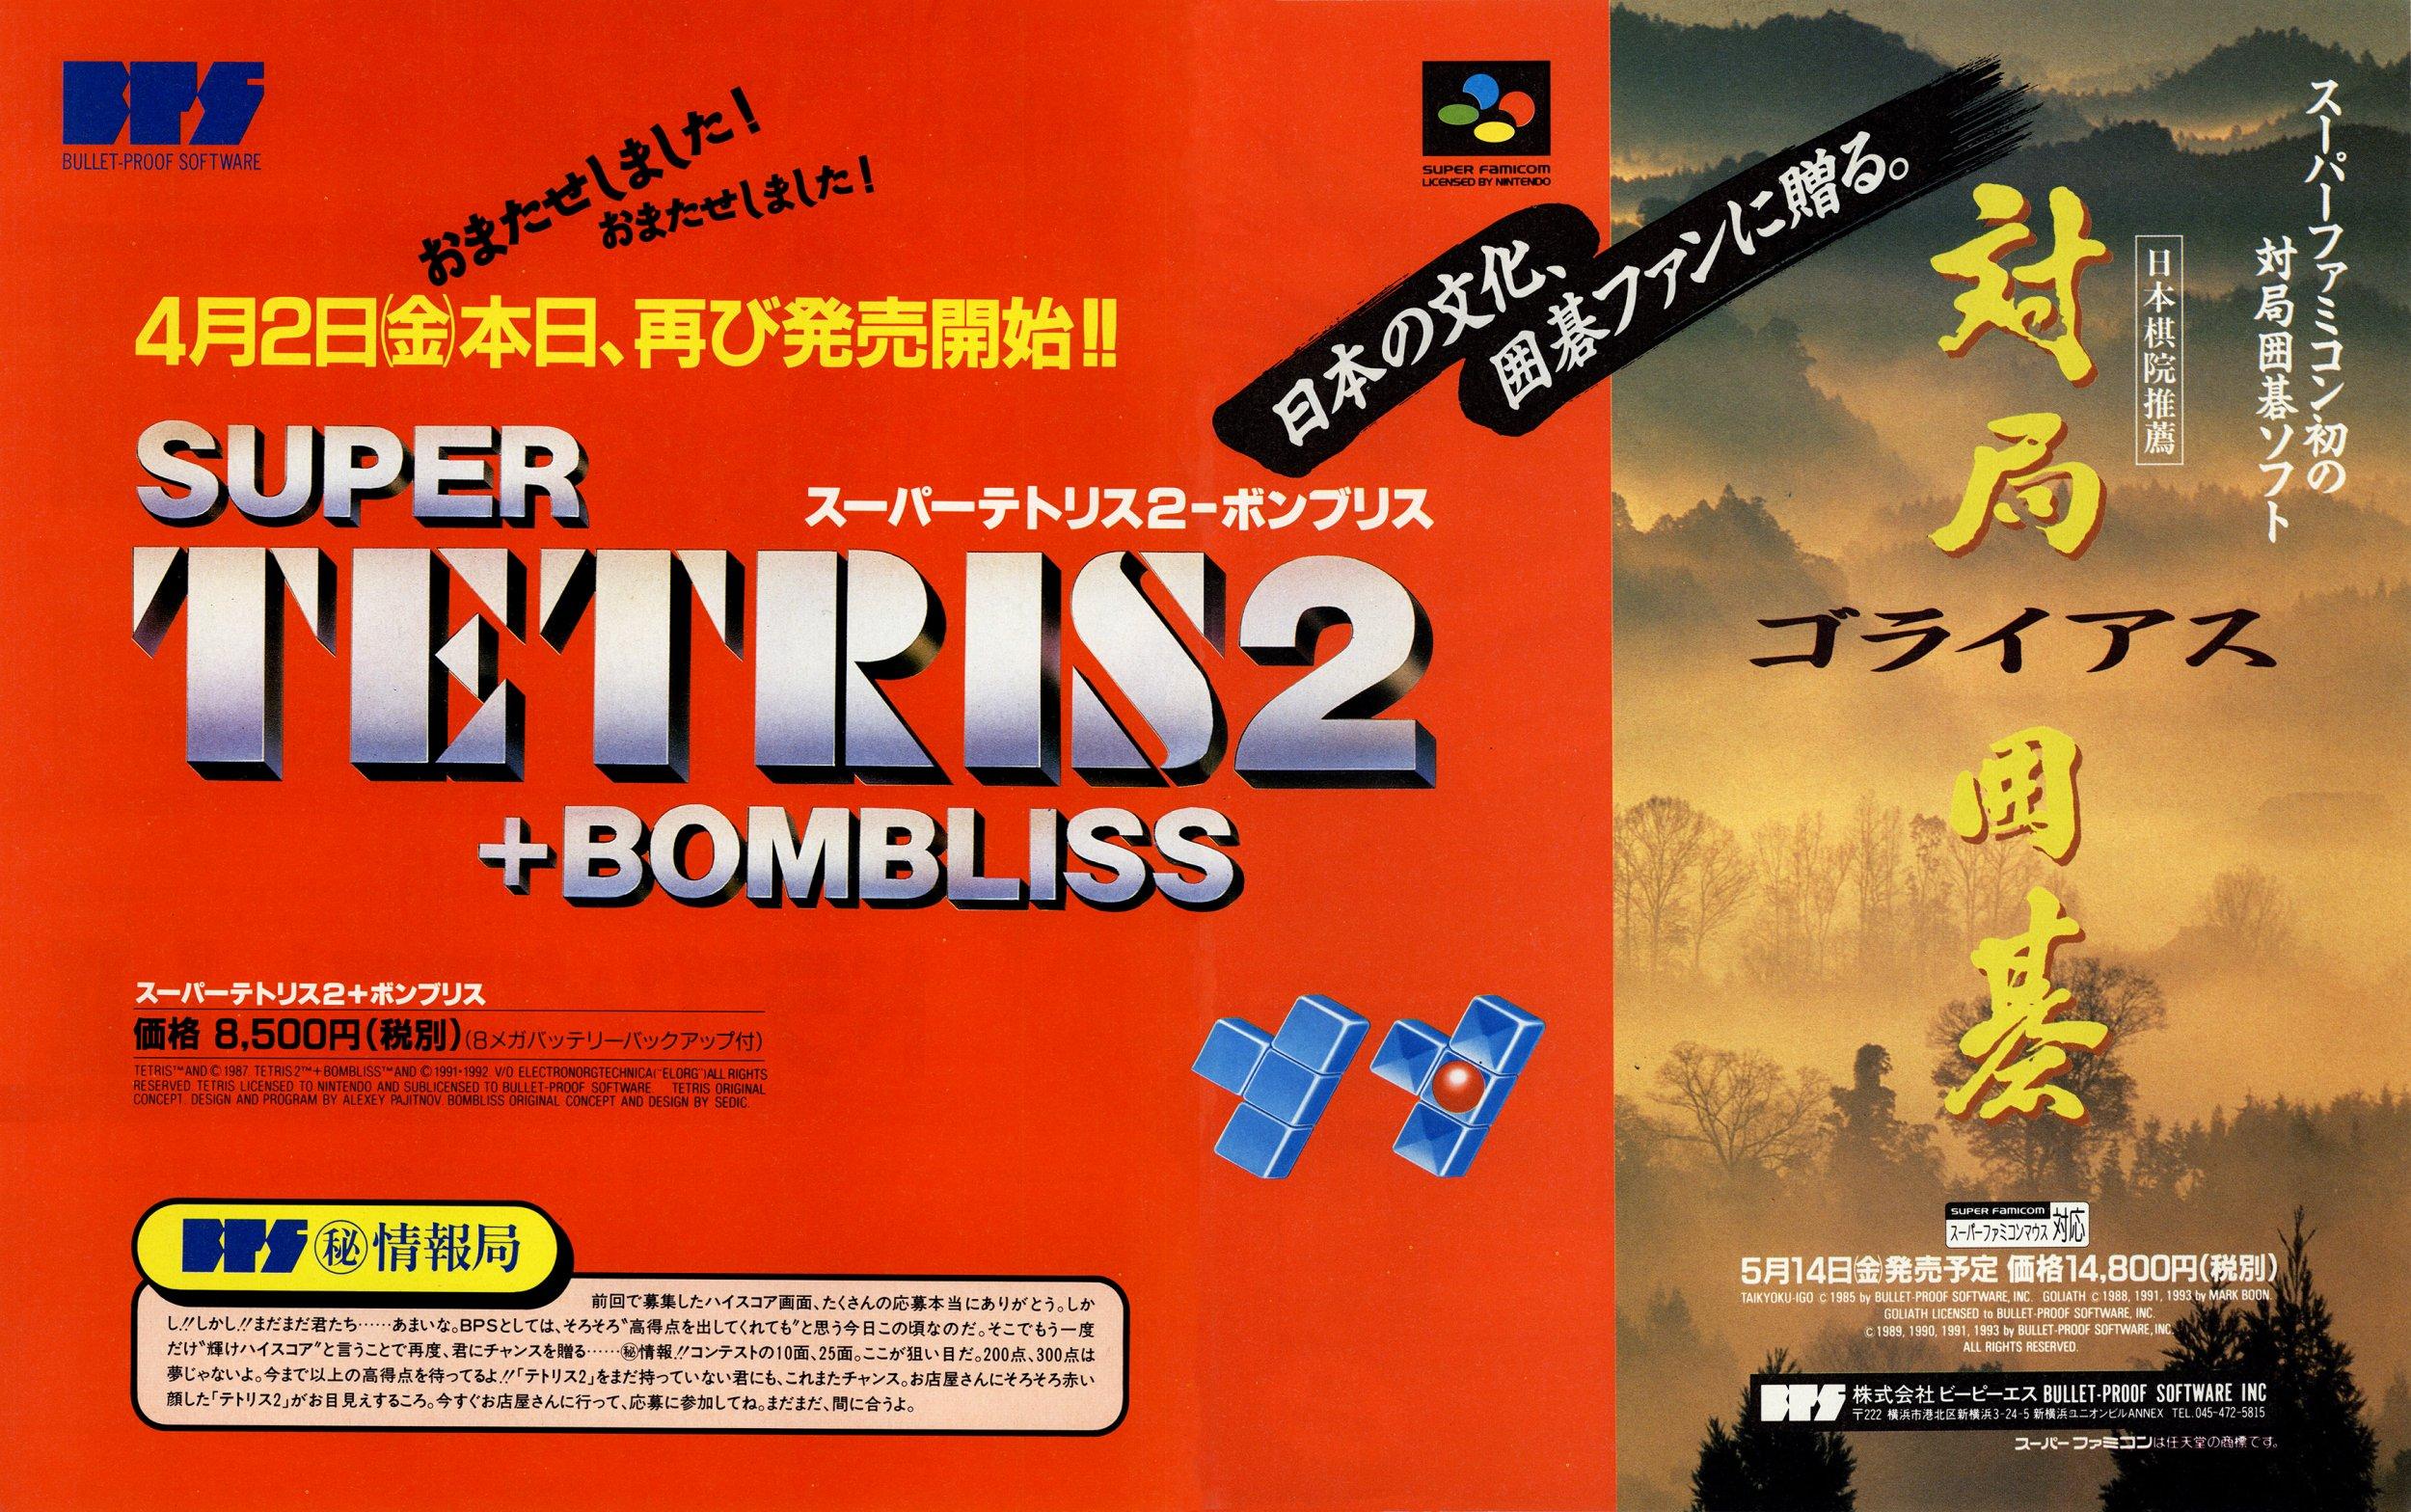 Super Tetris 2 + Bombliss, Taikyoku Igo Goliath (Japan)